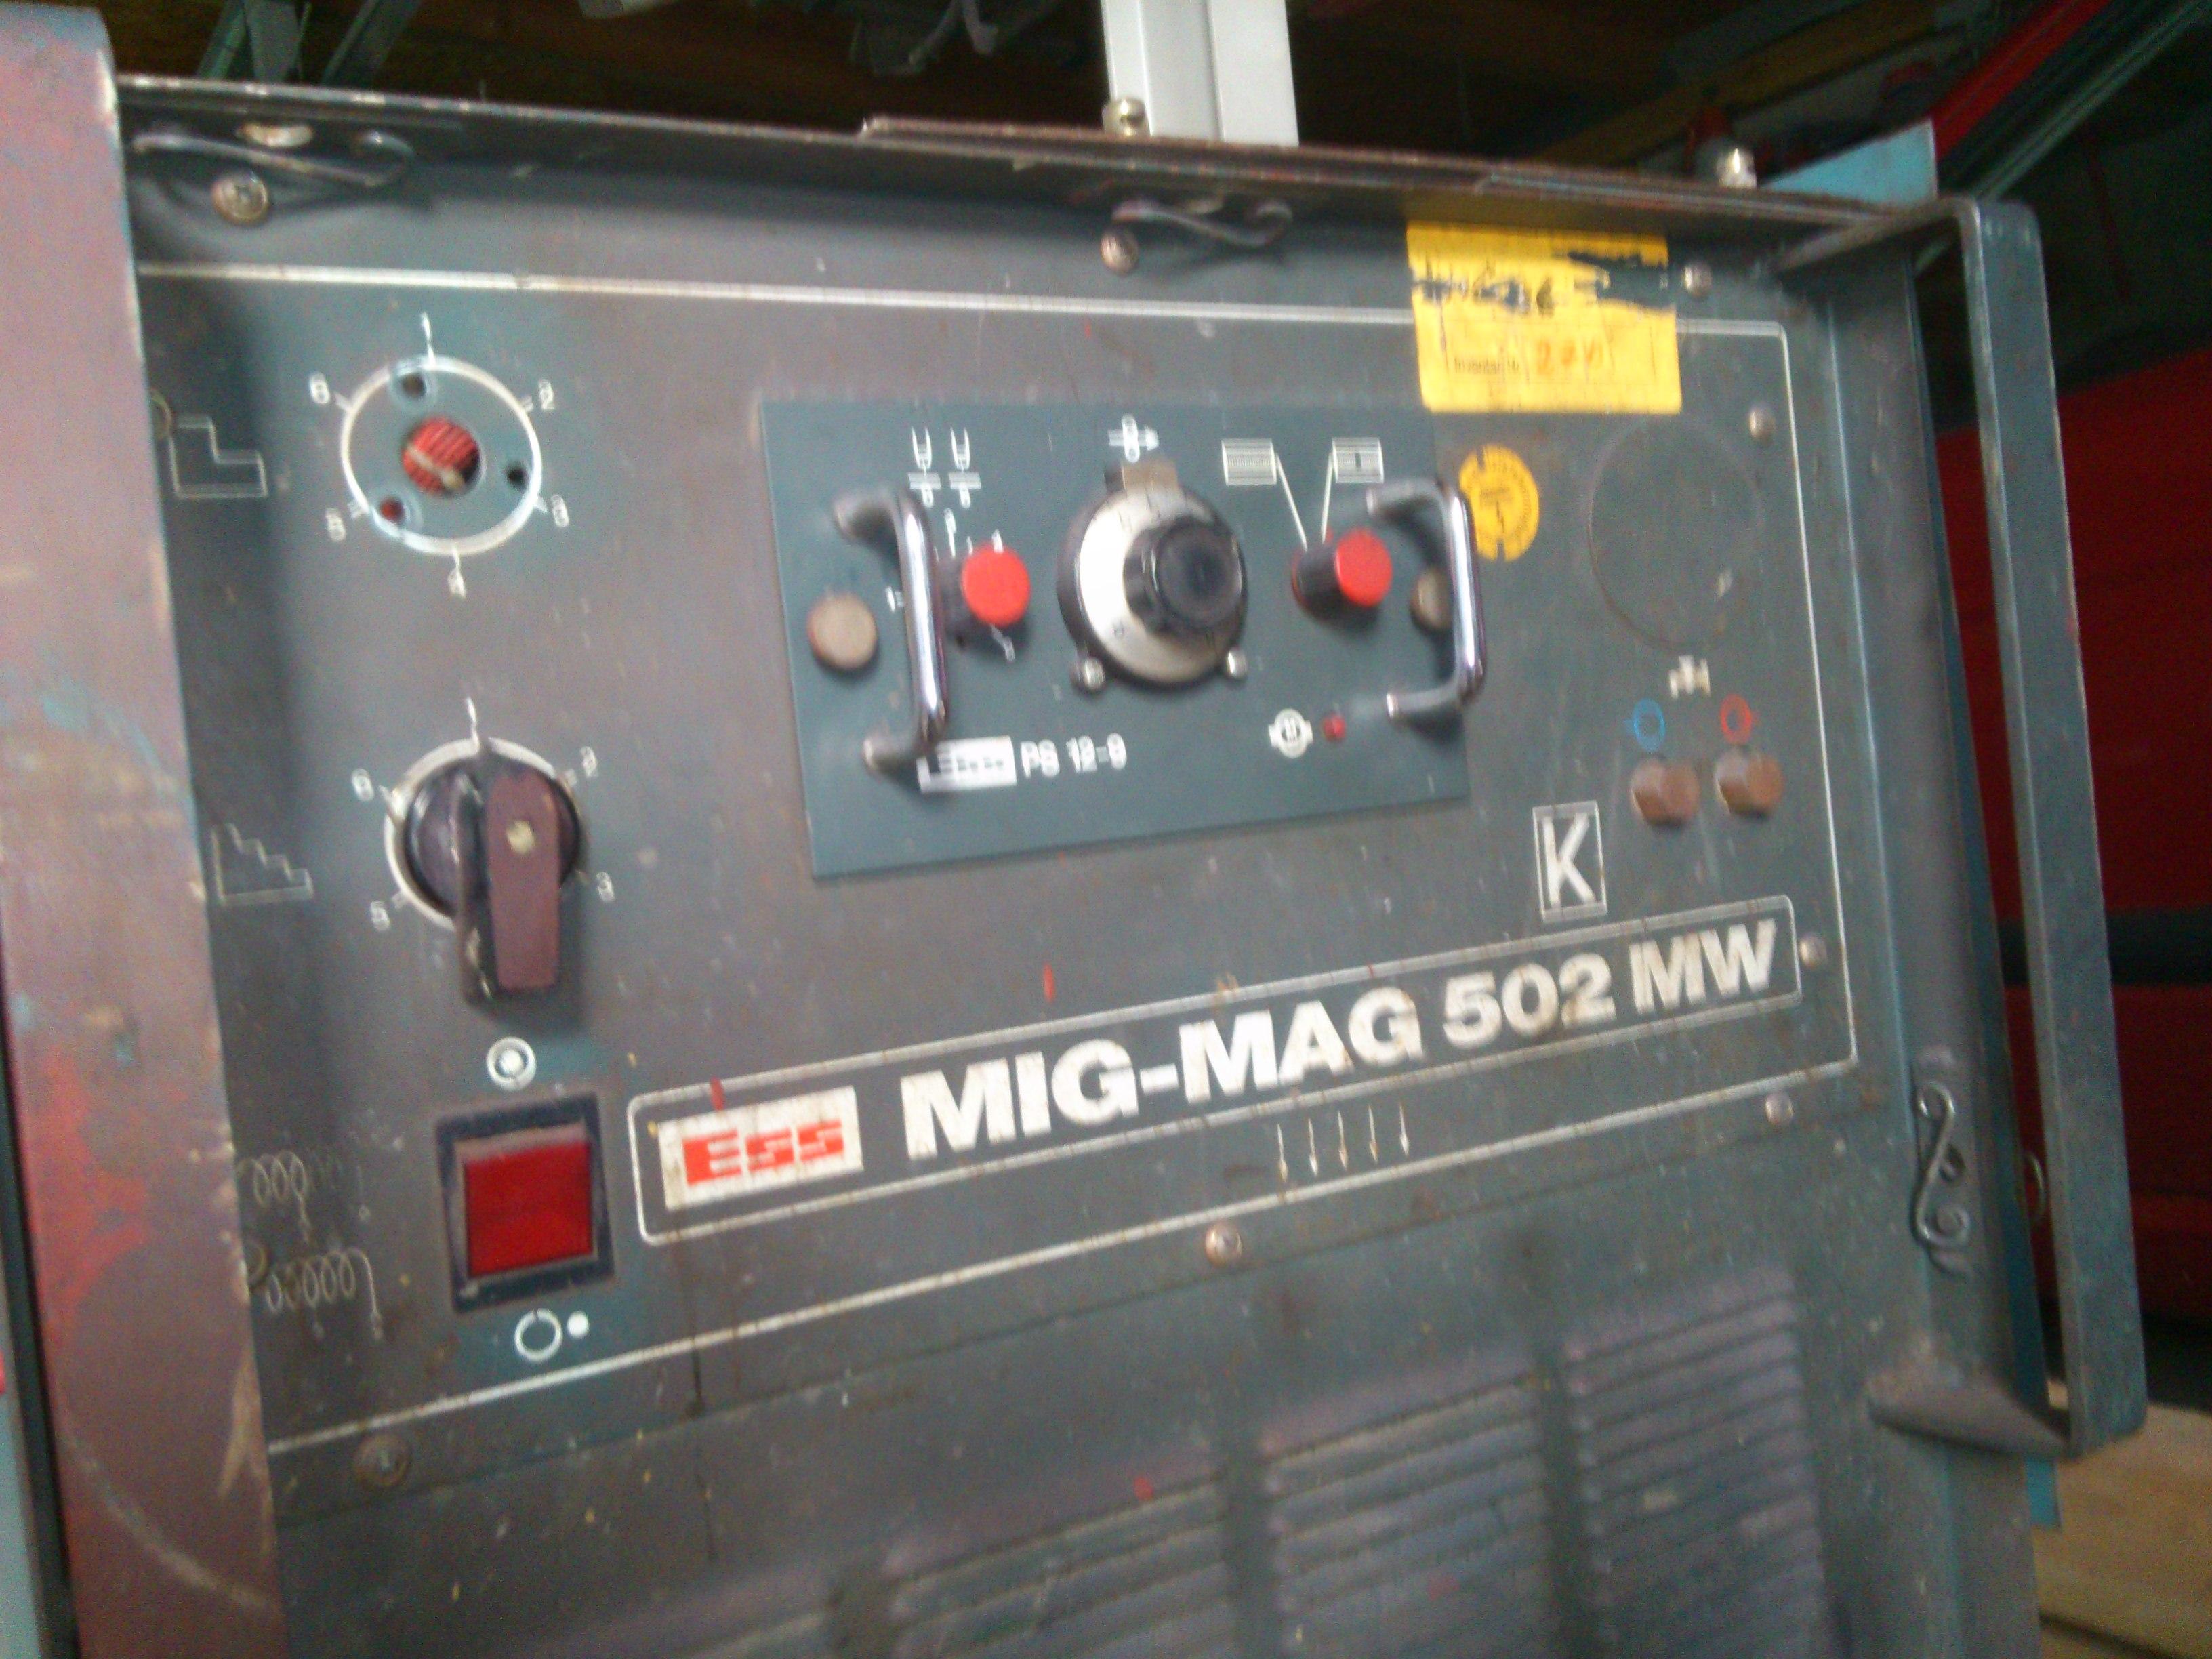 ESS MIG-MAG 502 MW - Prze��cznik zakres�w pr�du